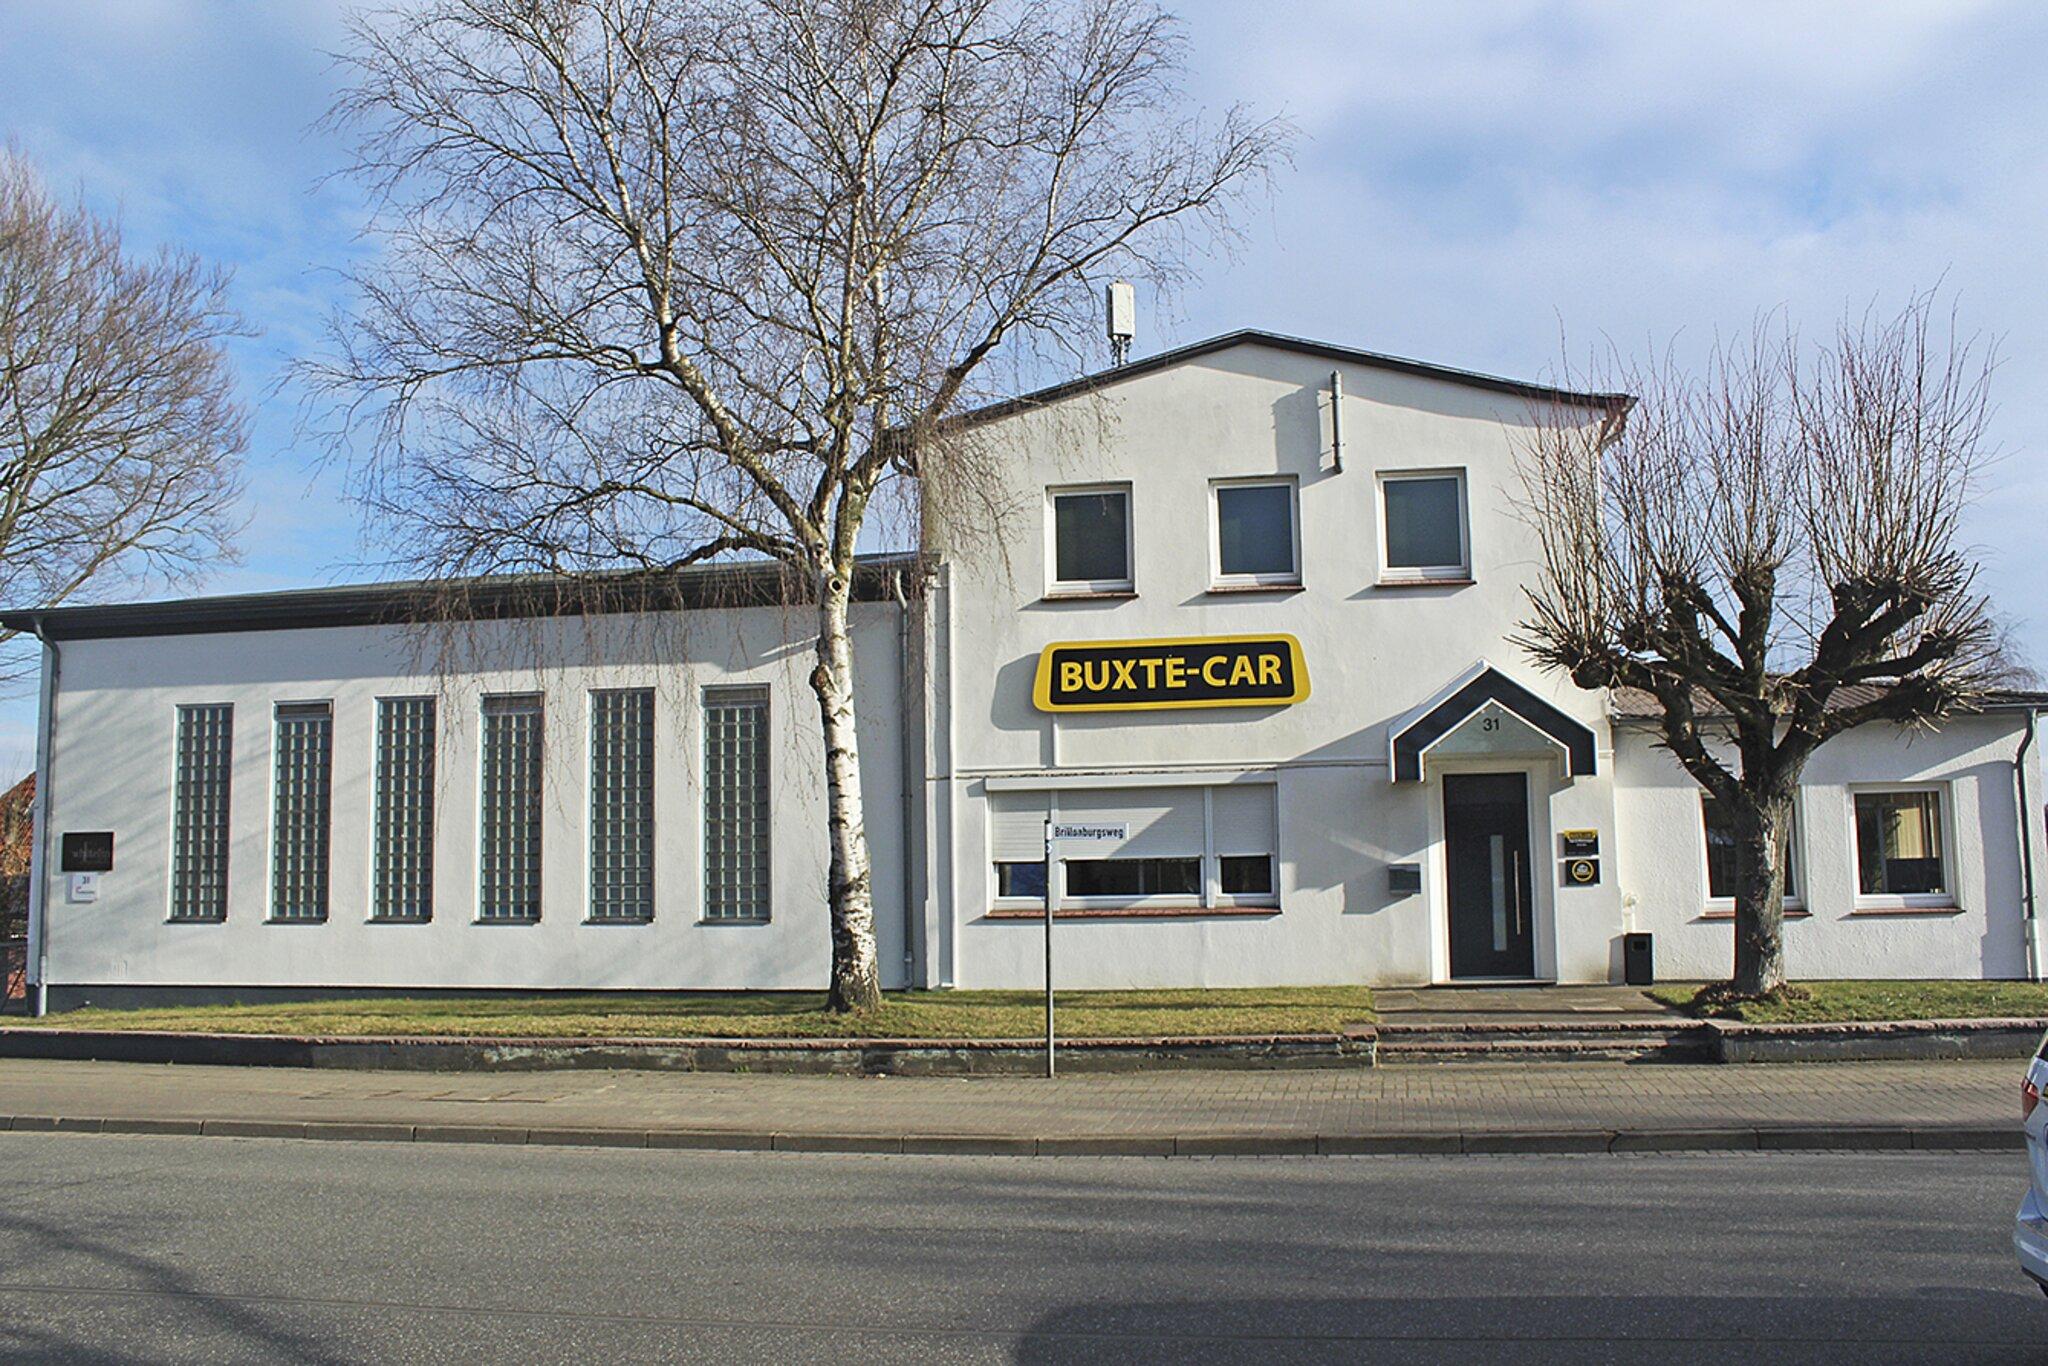 Erfolg mit tollem Team                                                                  Buxte-Car wächst weiter und hat jetzt größere und schönere Räume bezogen